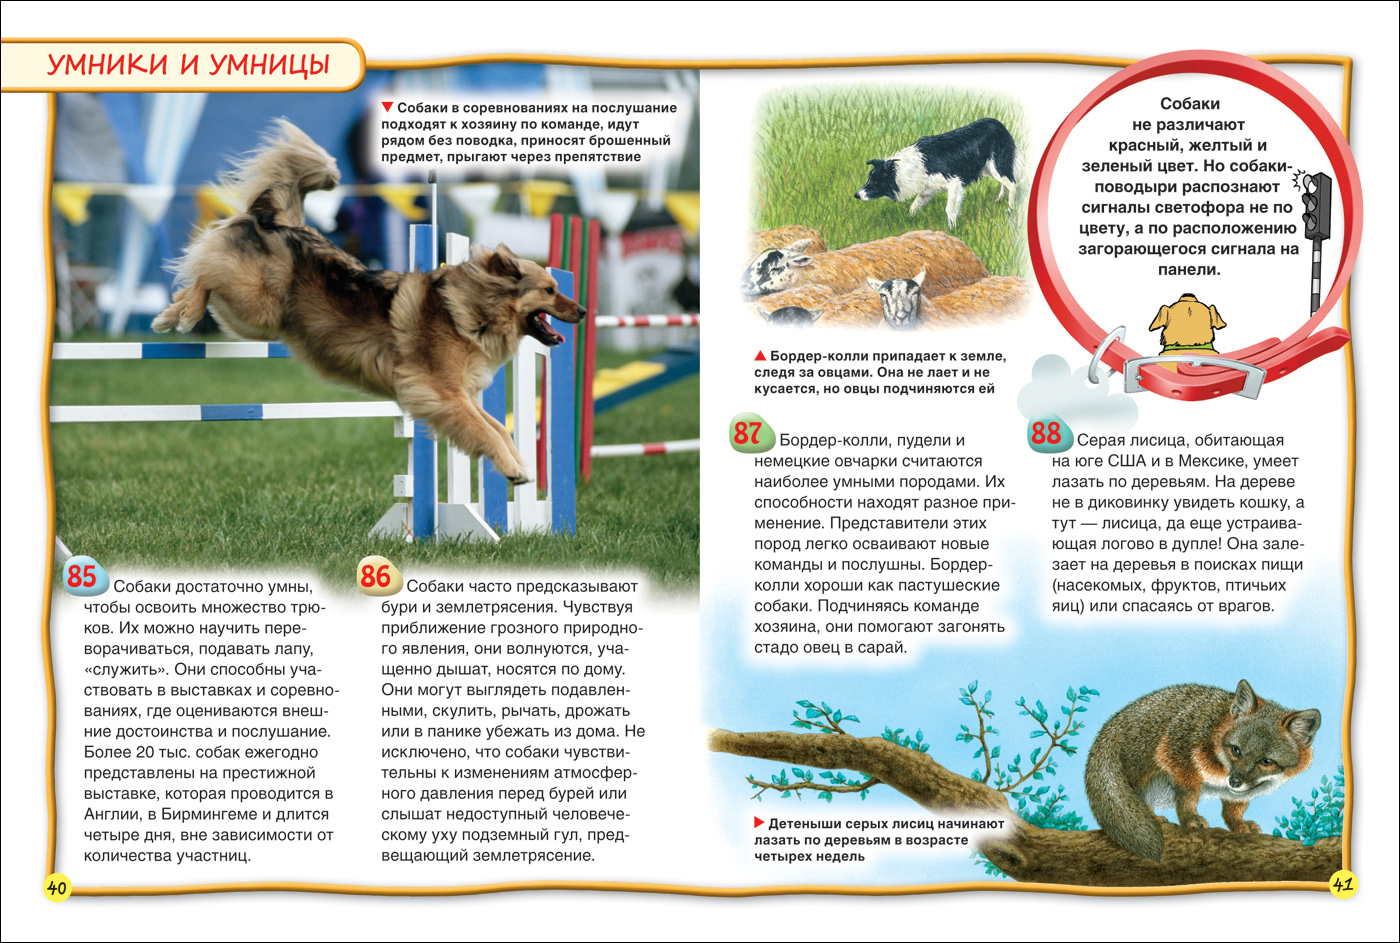 Чем собаки напоминают детей и как манипулируют людьми. Ученые ... | 943x1400